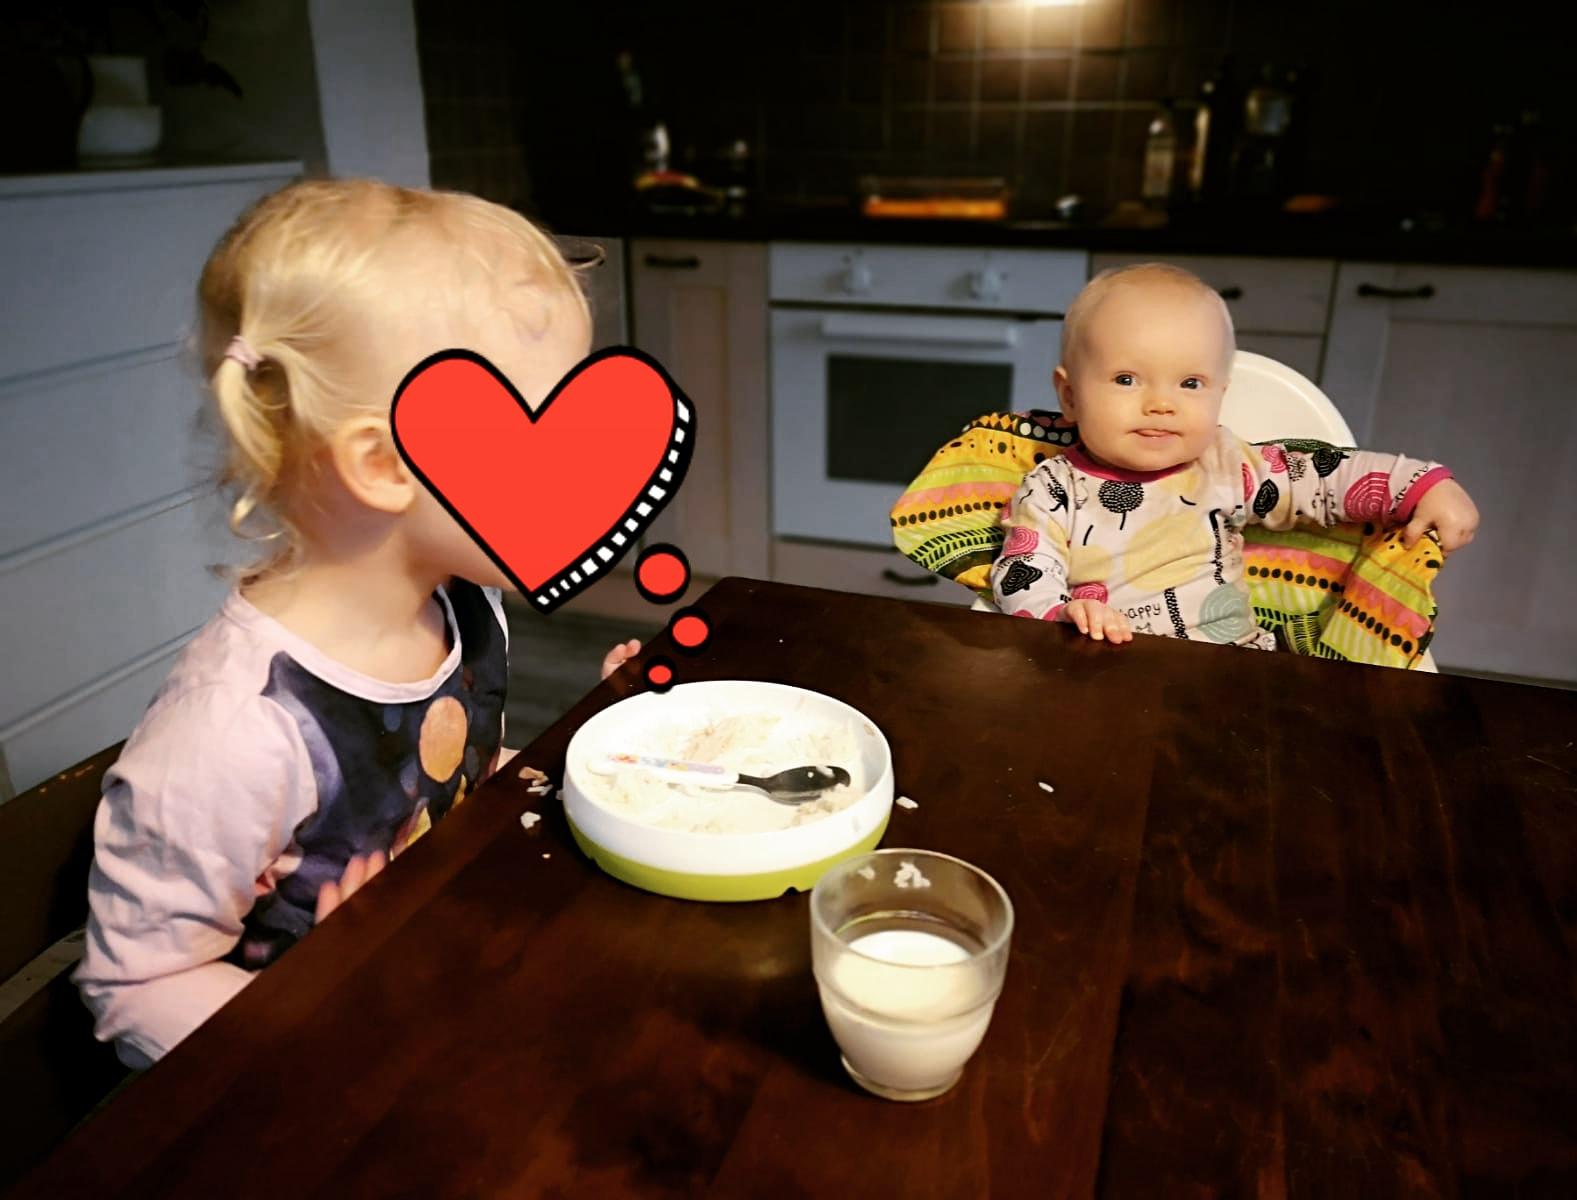 Kuinka Paljon Vauva Syö